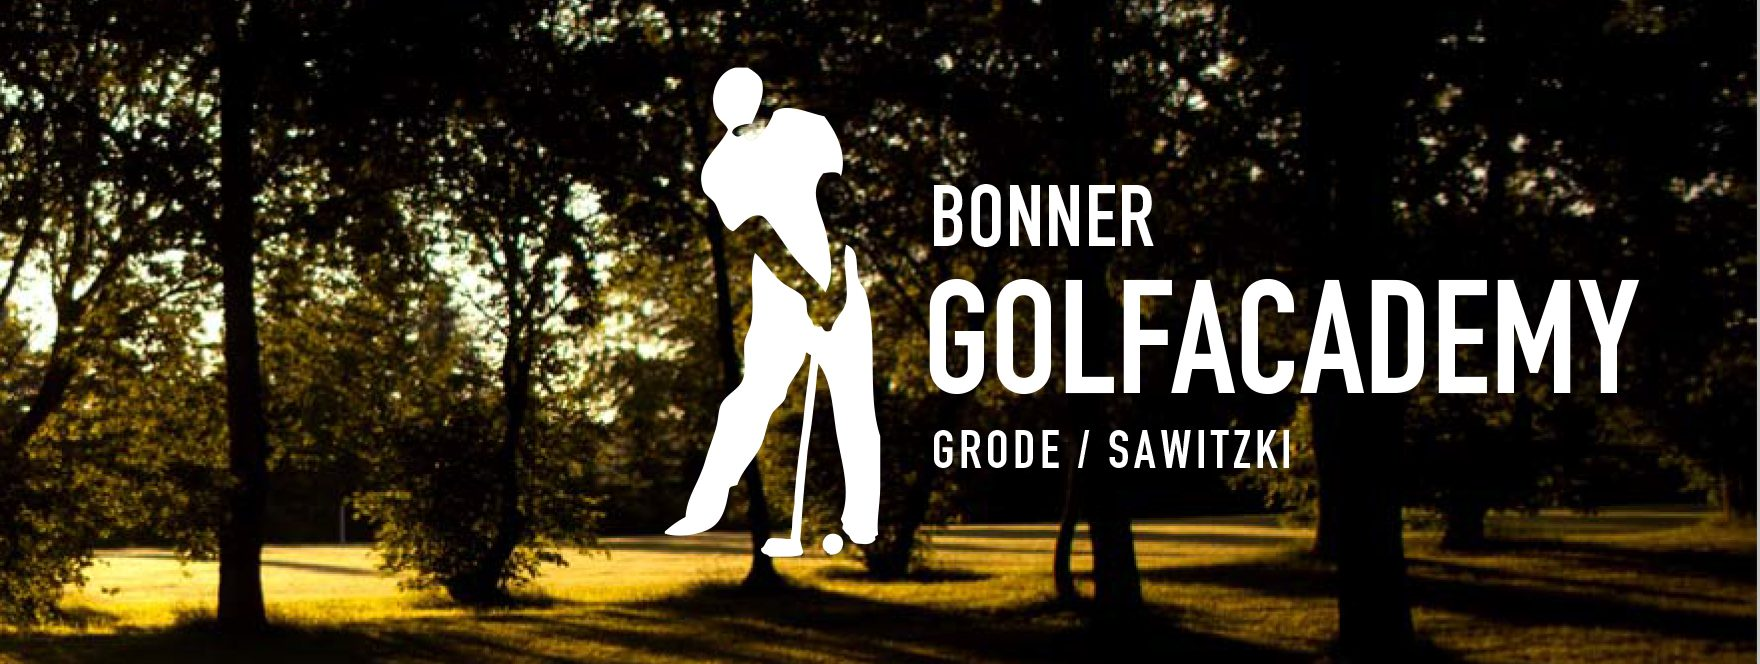 bonner_golfacademy_kursheft-2017-10_L